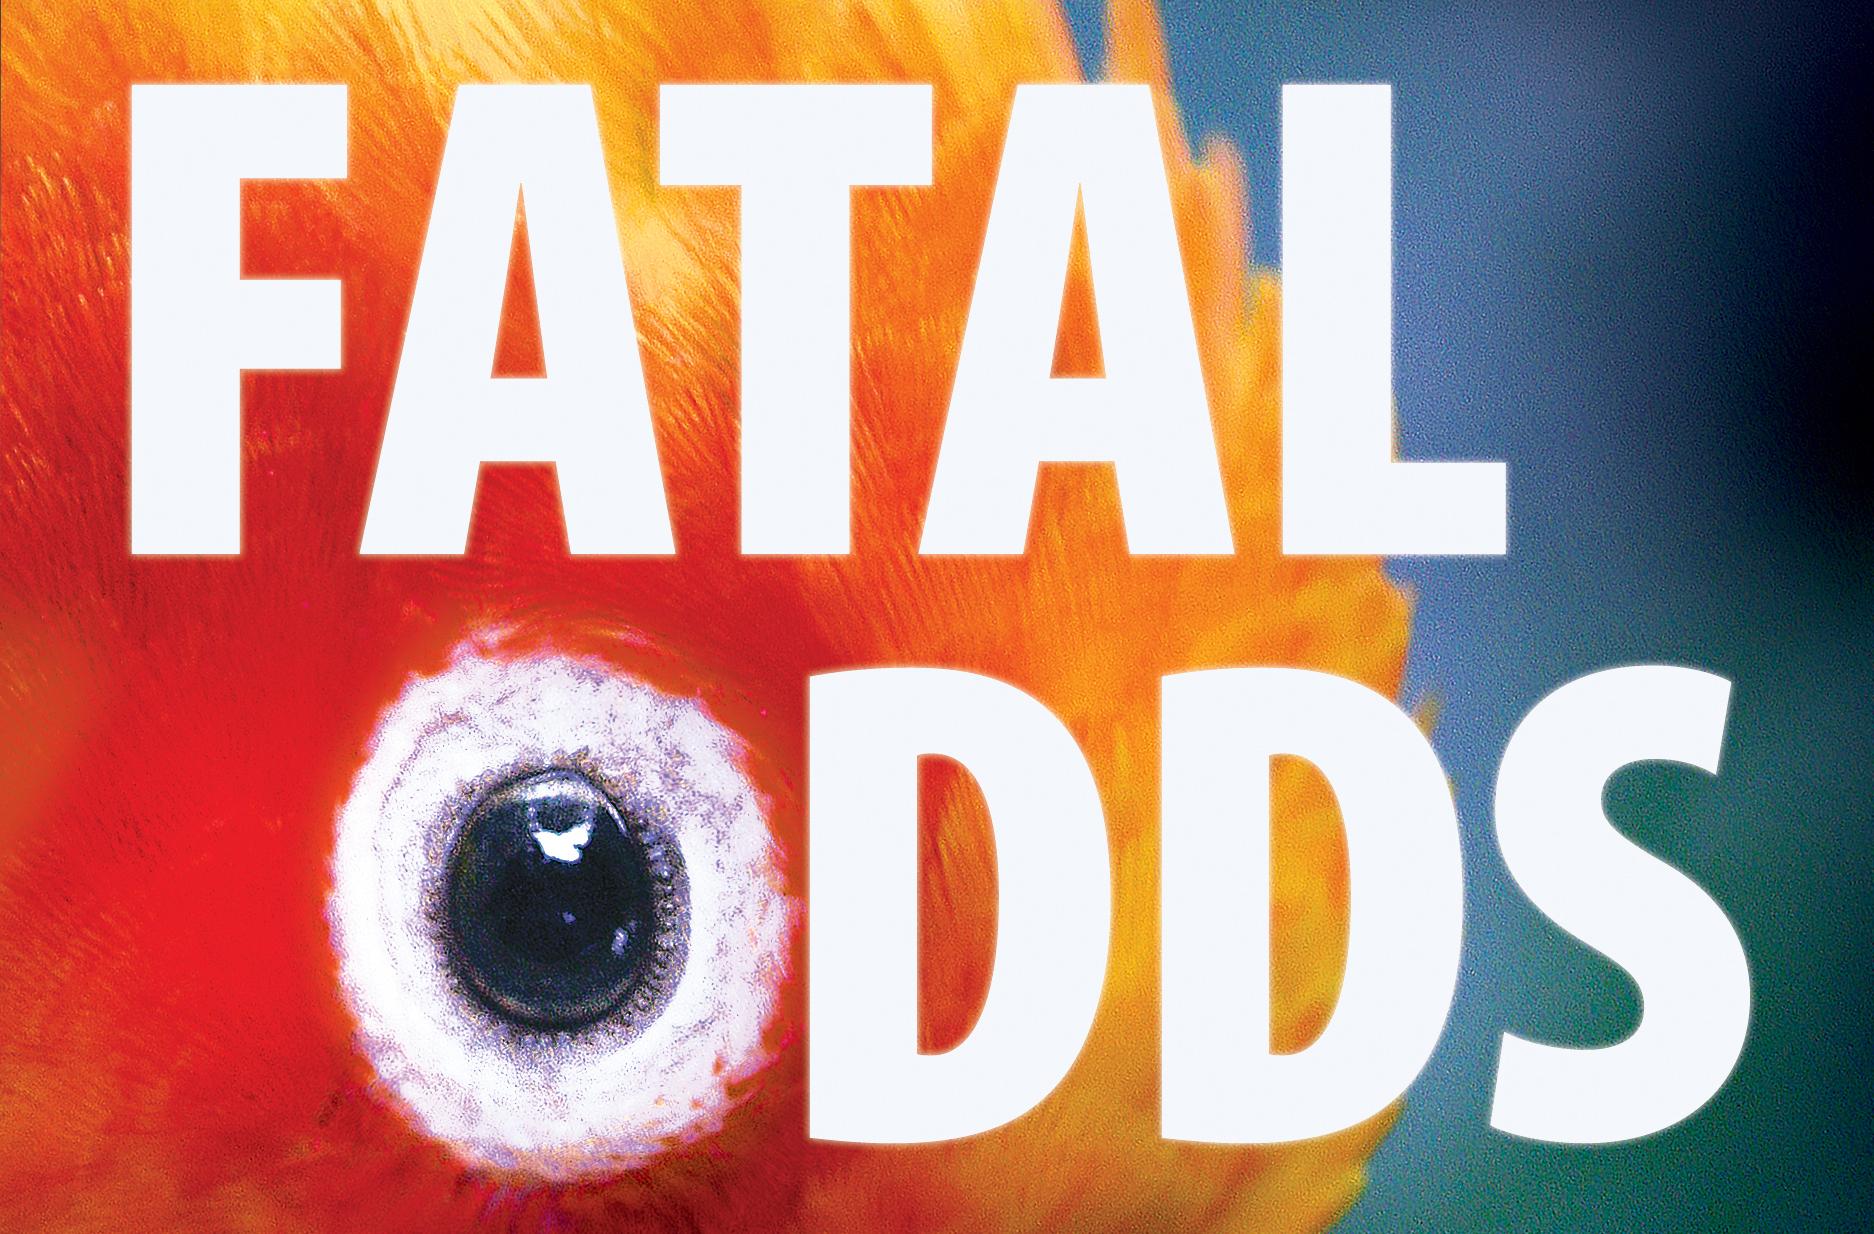 Horiz Fatal Oddscover2 5 16 1 1 Pdf